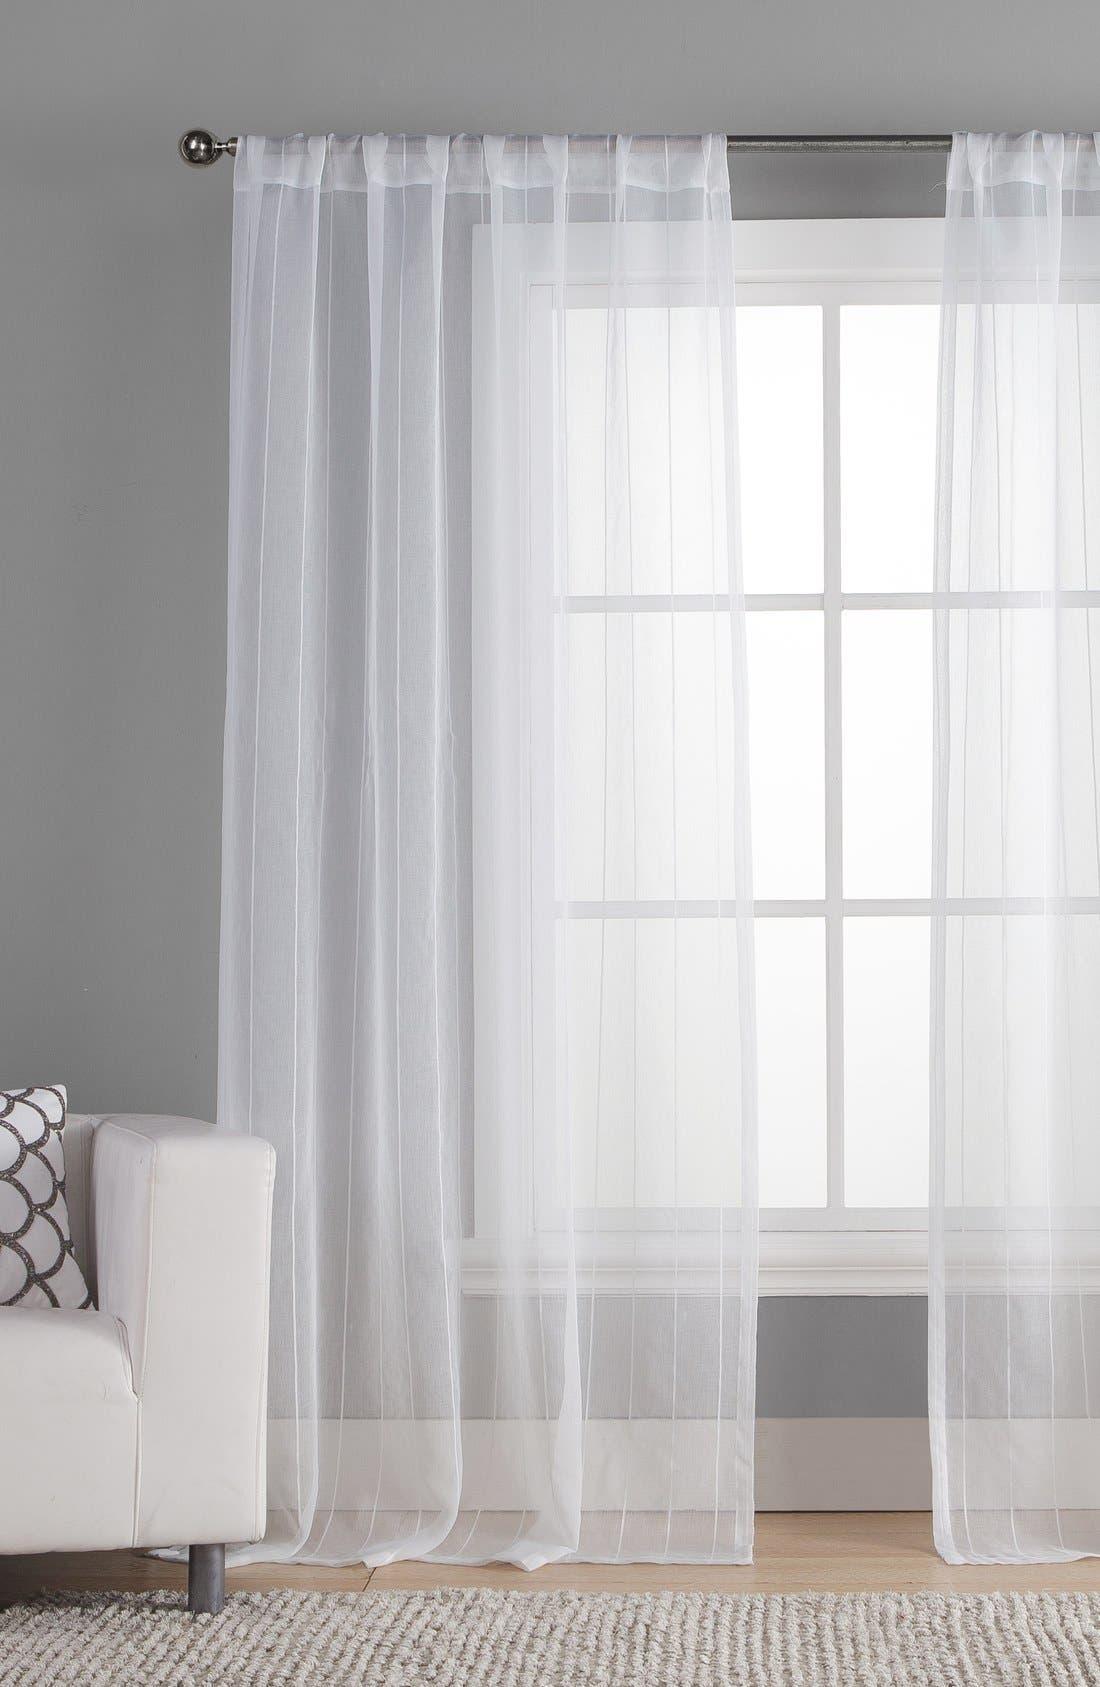 Main Image - Duck River Textile 'Henriette' Pole Top Window Panels (Set of 2)